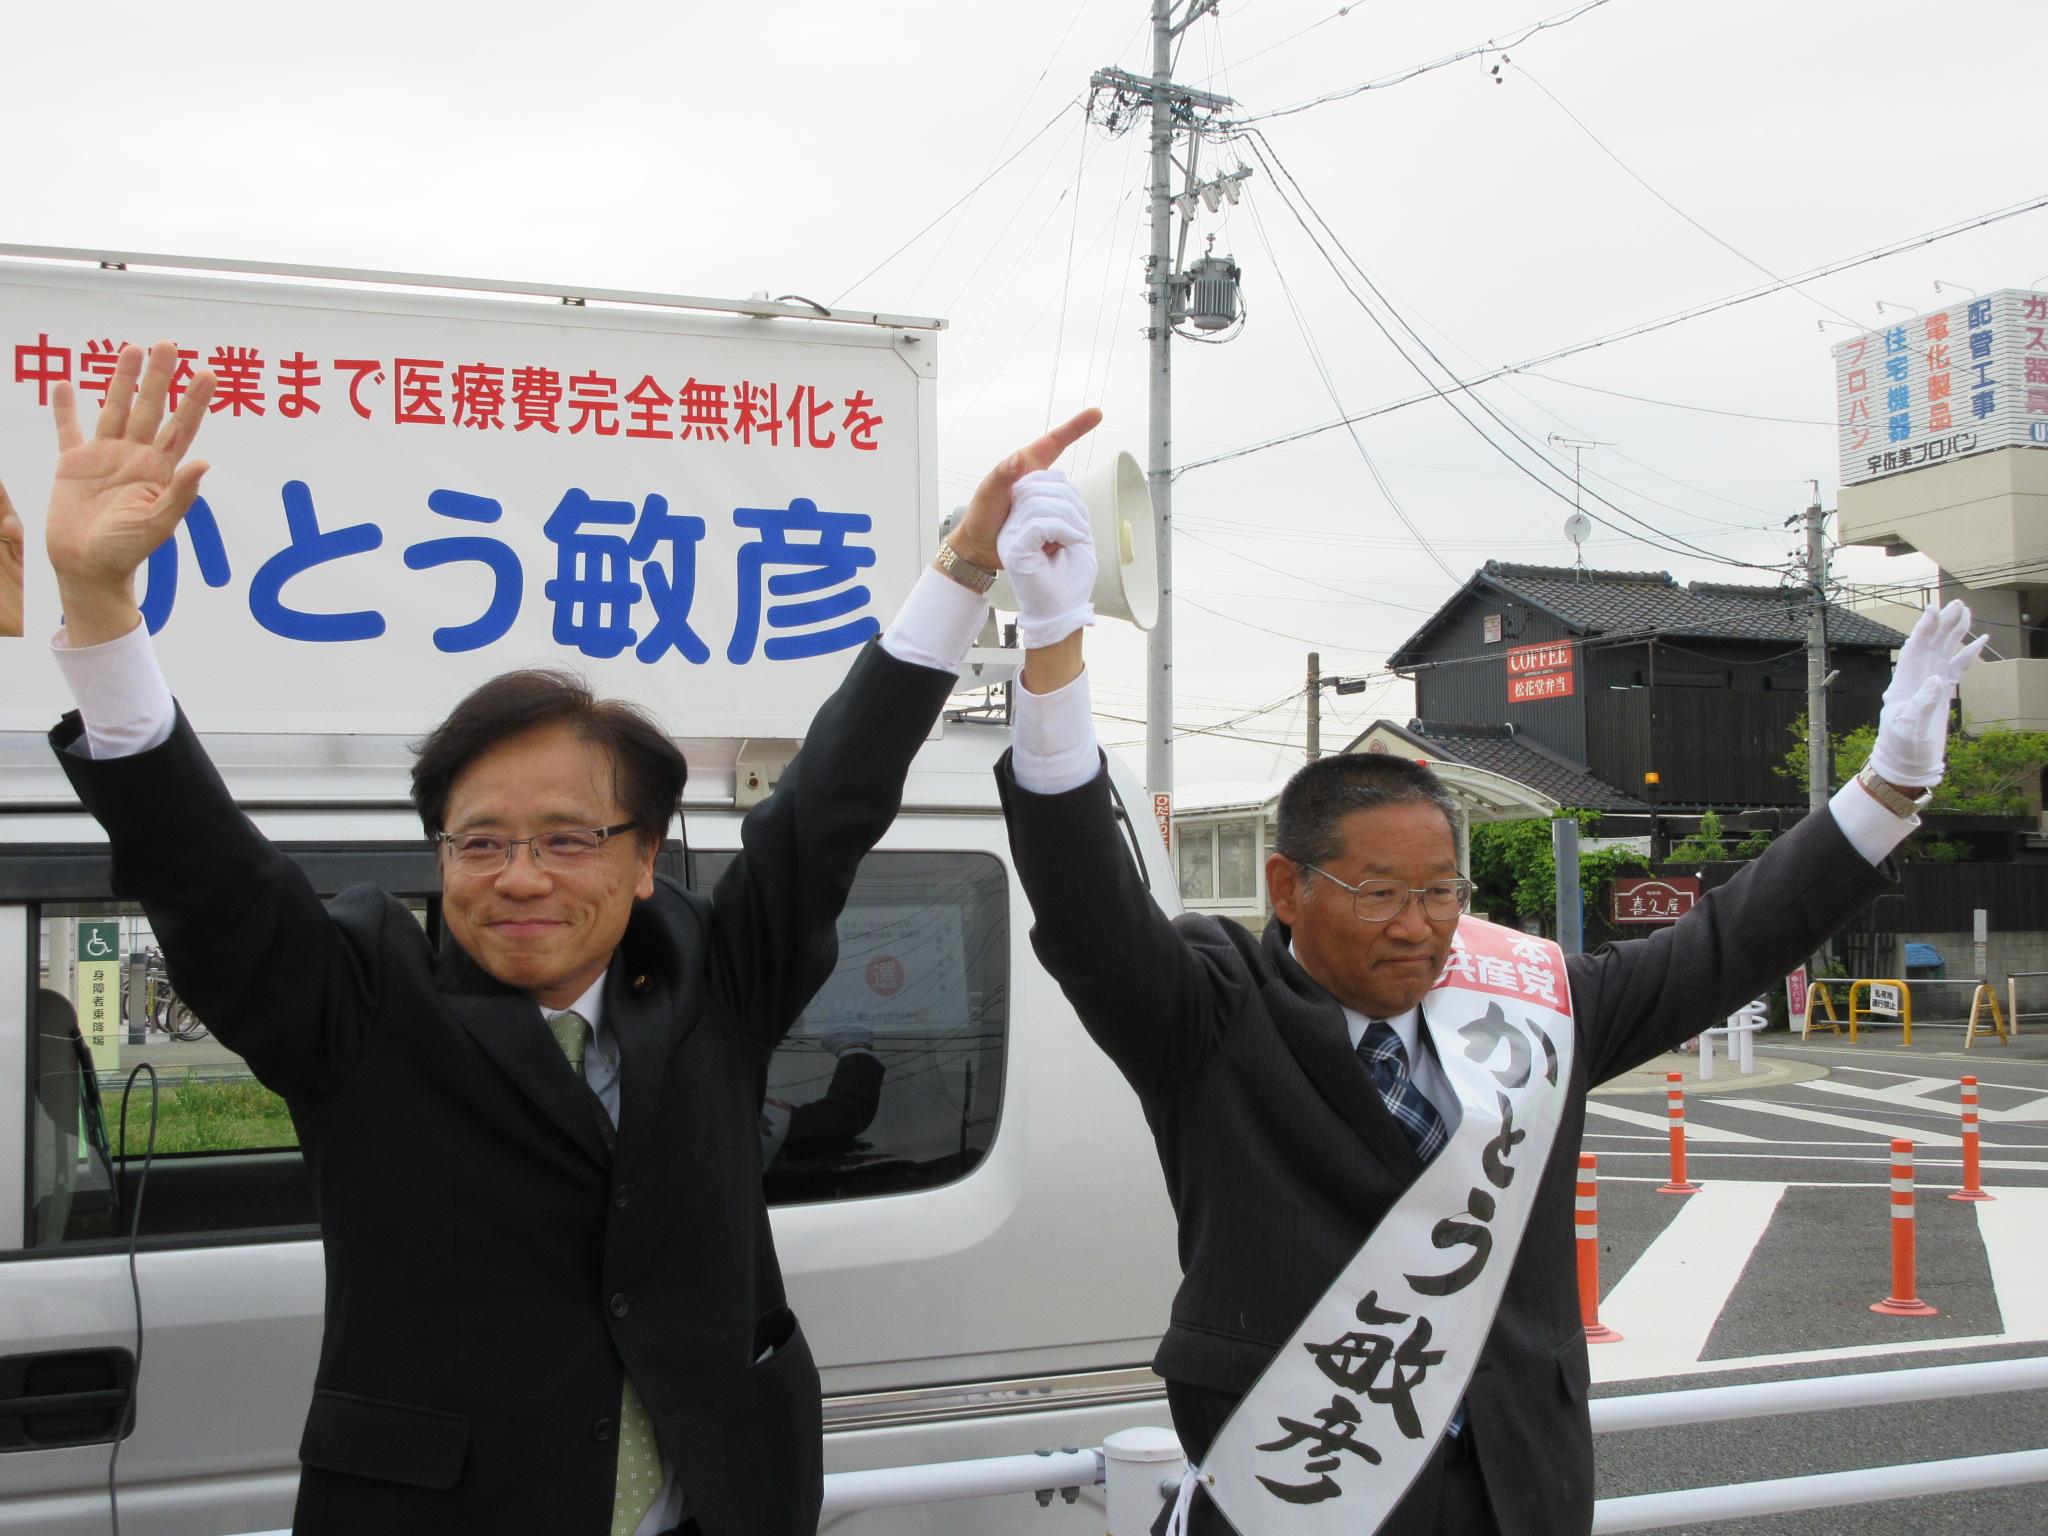 http://www.inoue-satoshi.com/diary/%E6%84%9B%E8%A5%BF%E5%B8%82.JPG